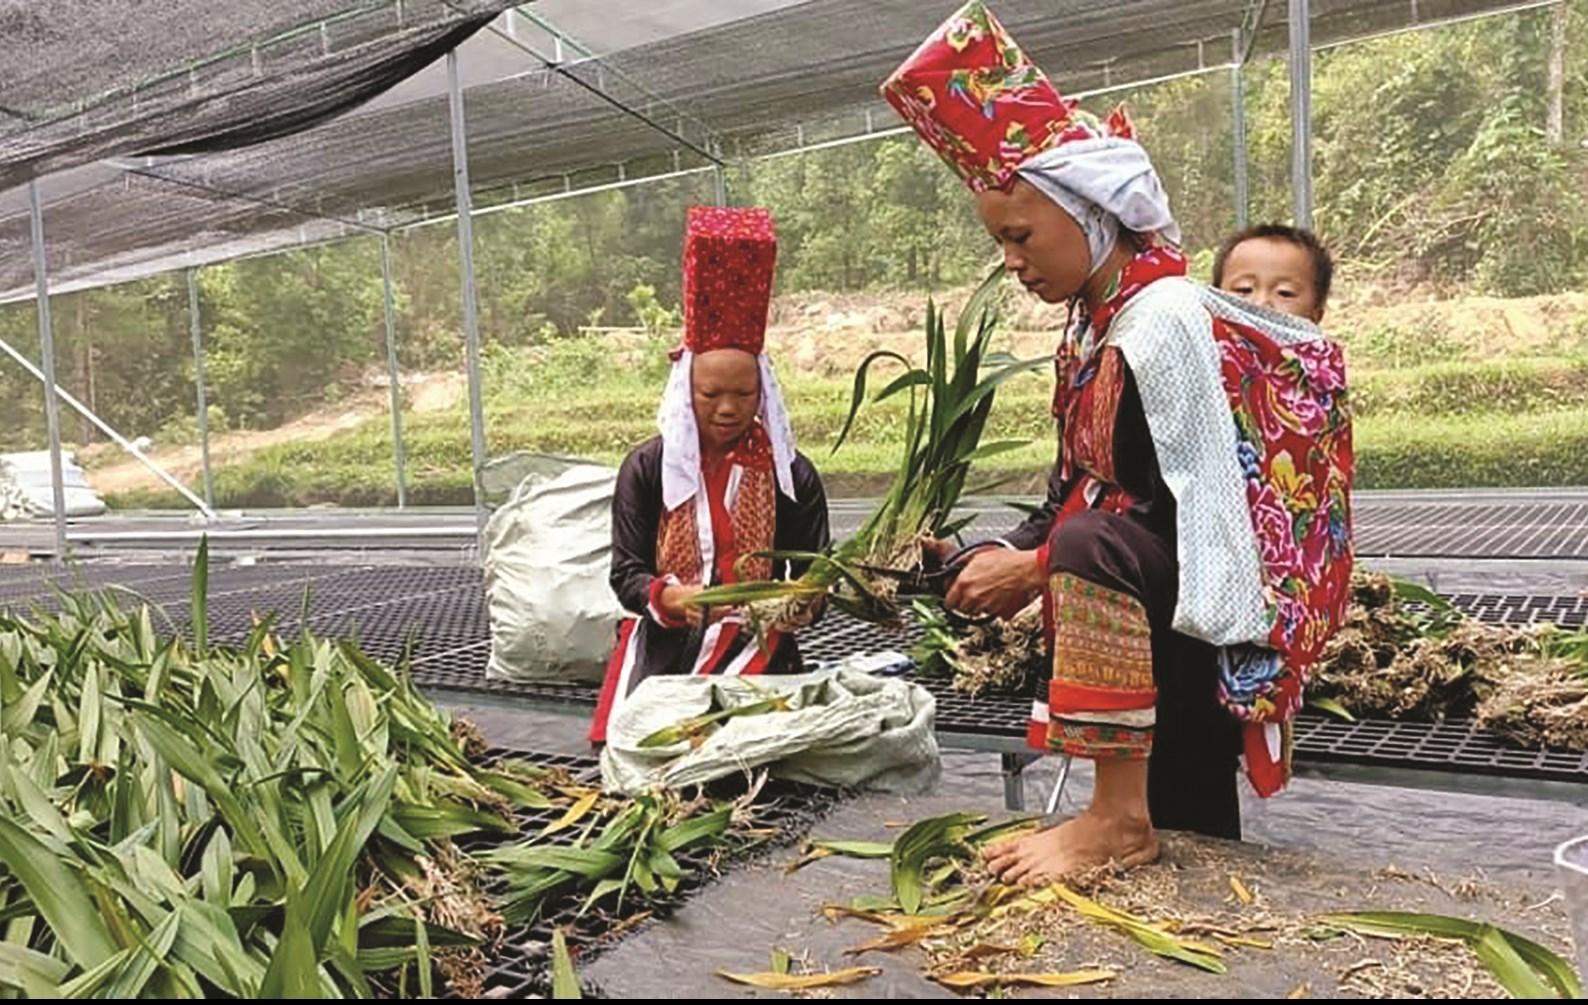 Người dân xã Đồng Văn trồng hoa tại trang trại hoa Cao Sơn, Đồng Văn để phục vụ khách du lịch